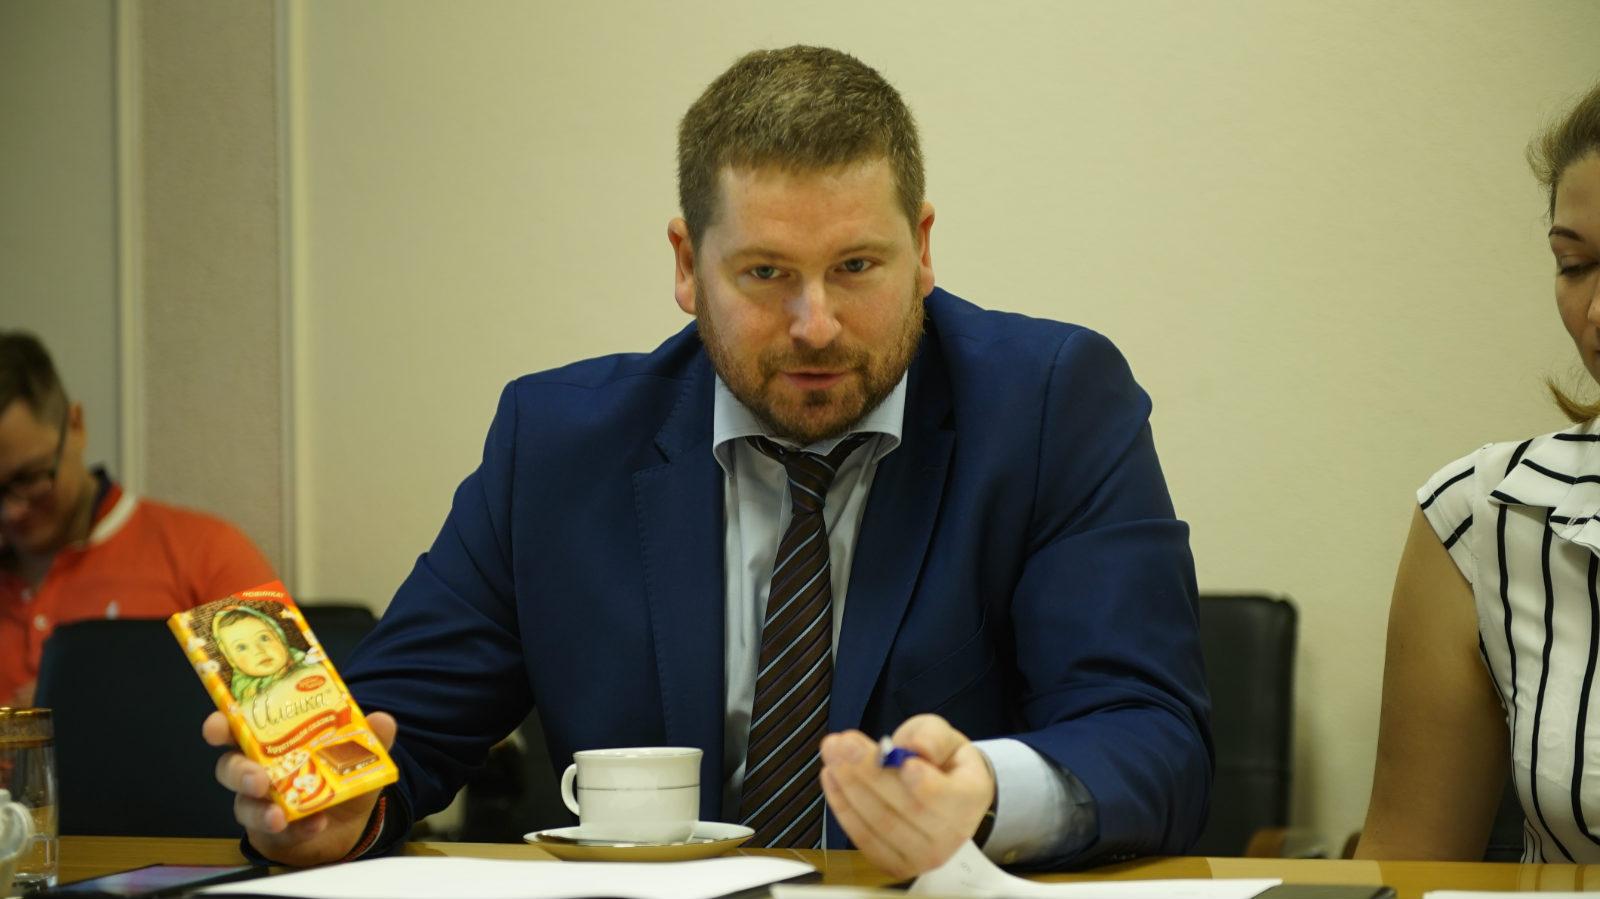 联合糖果主任有限公司的副总经理Alexey Nosenko谈与速卖通合作_meitu_9